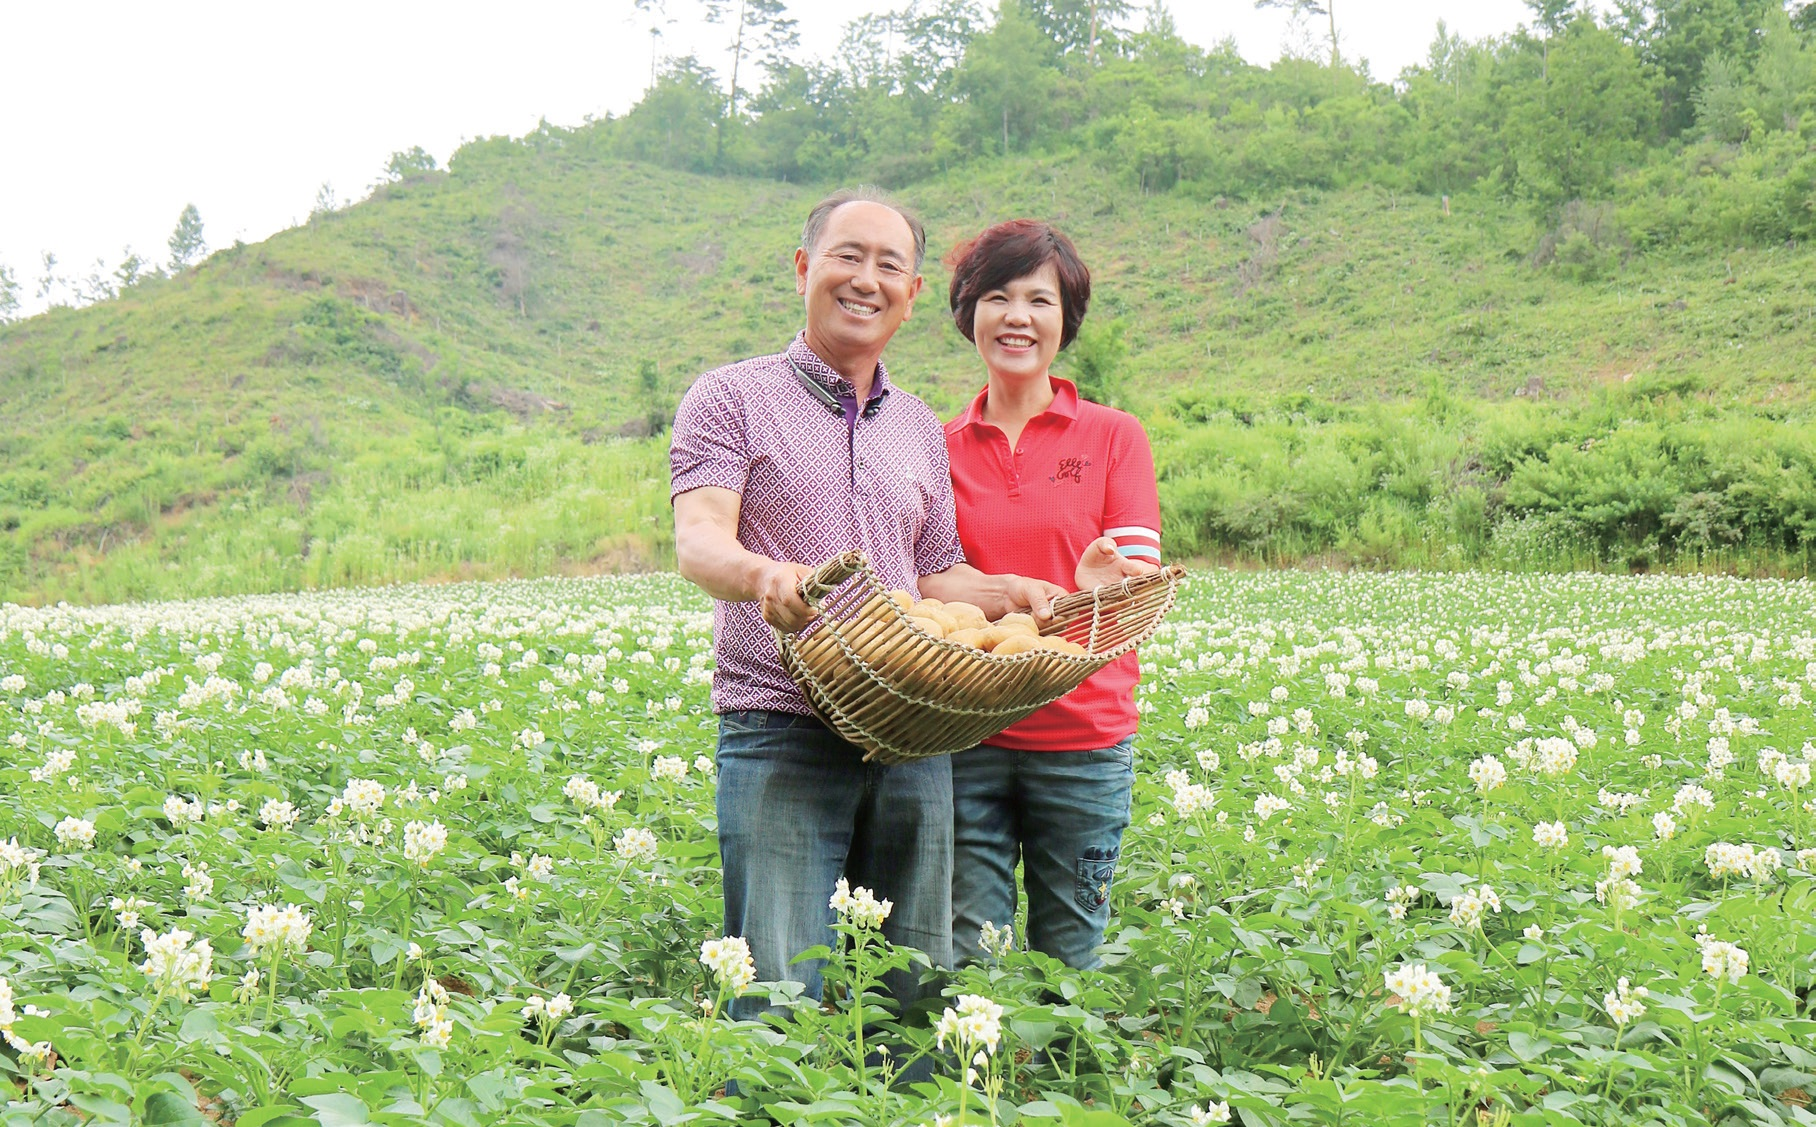 강원 강릉시 왕산면, 흰색 꽃이 만발한 감자밭에 선 권혁기 농업회사법인 왕산종묘 대표와 부인 조희주 씨.